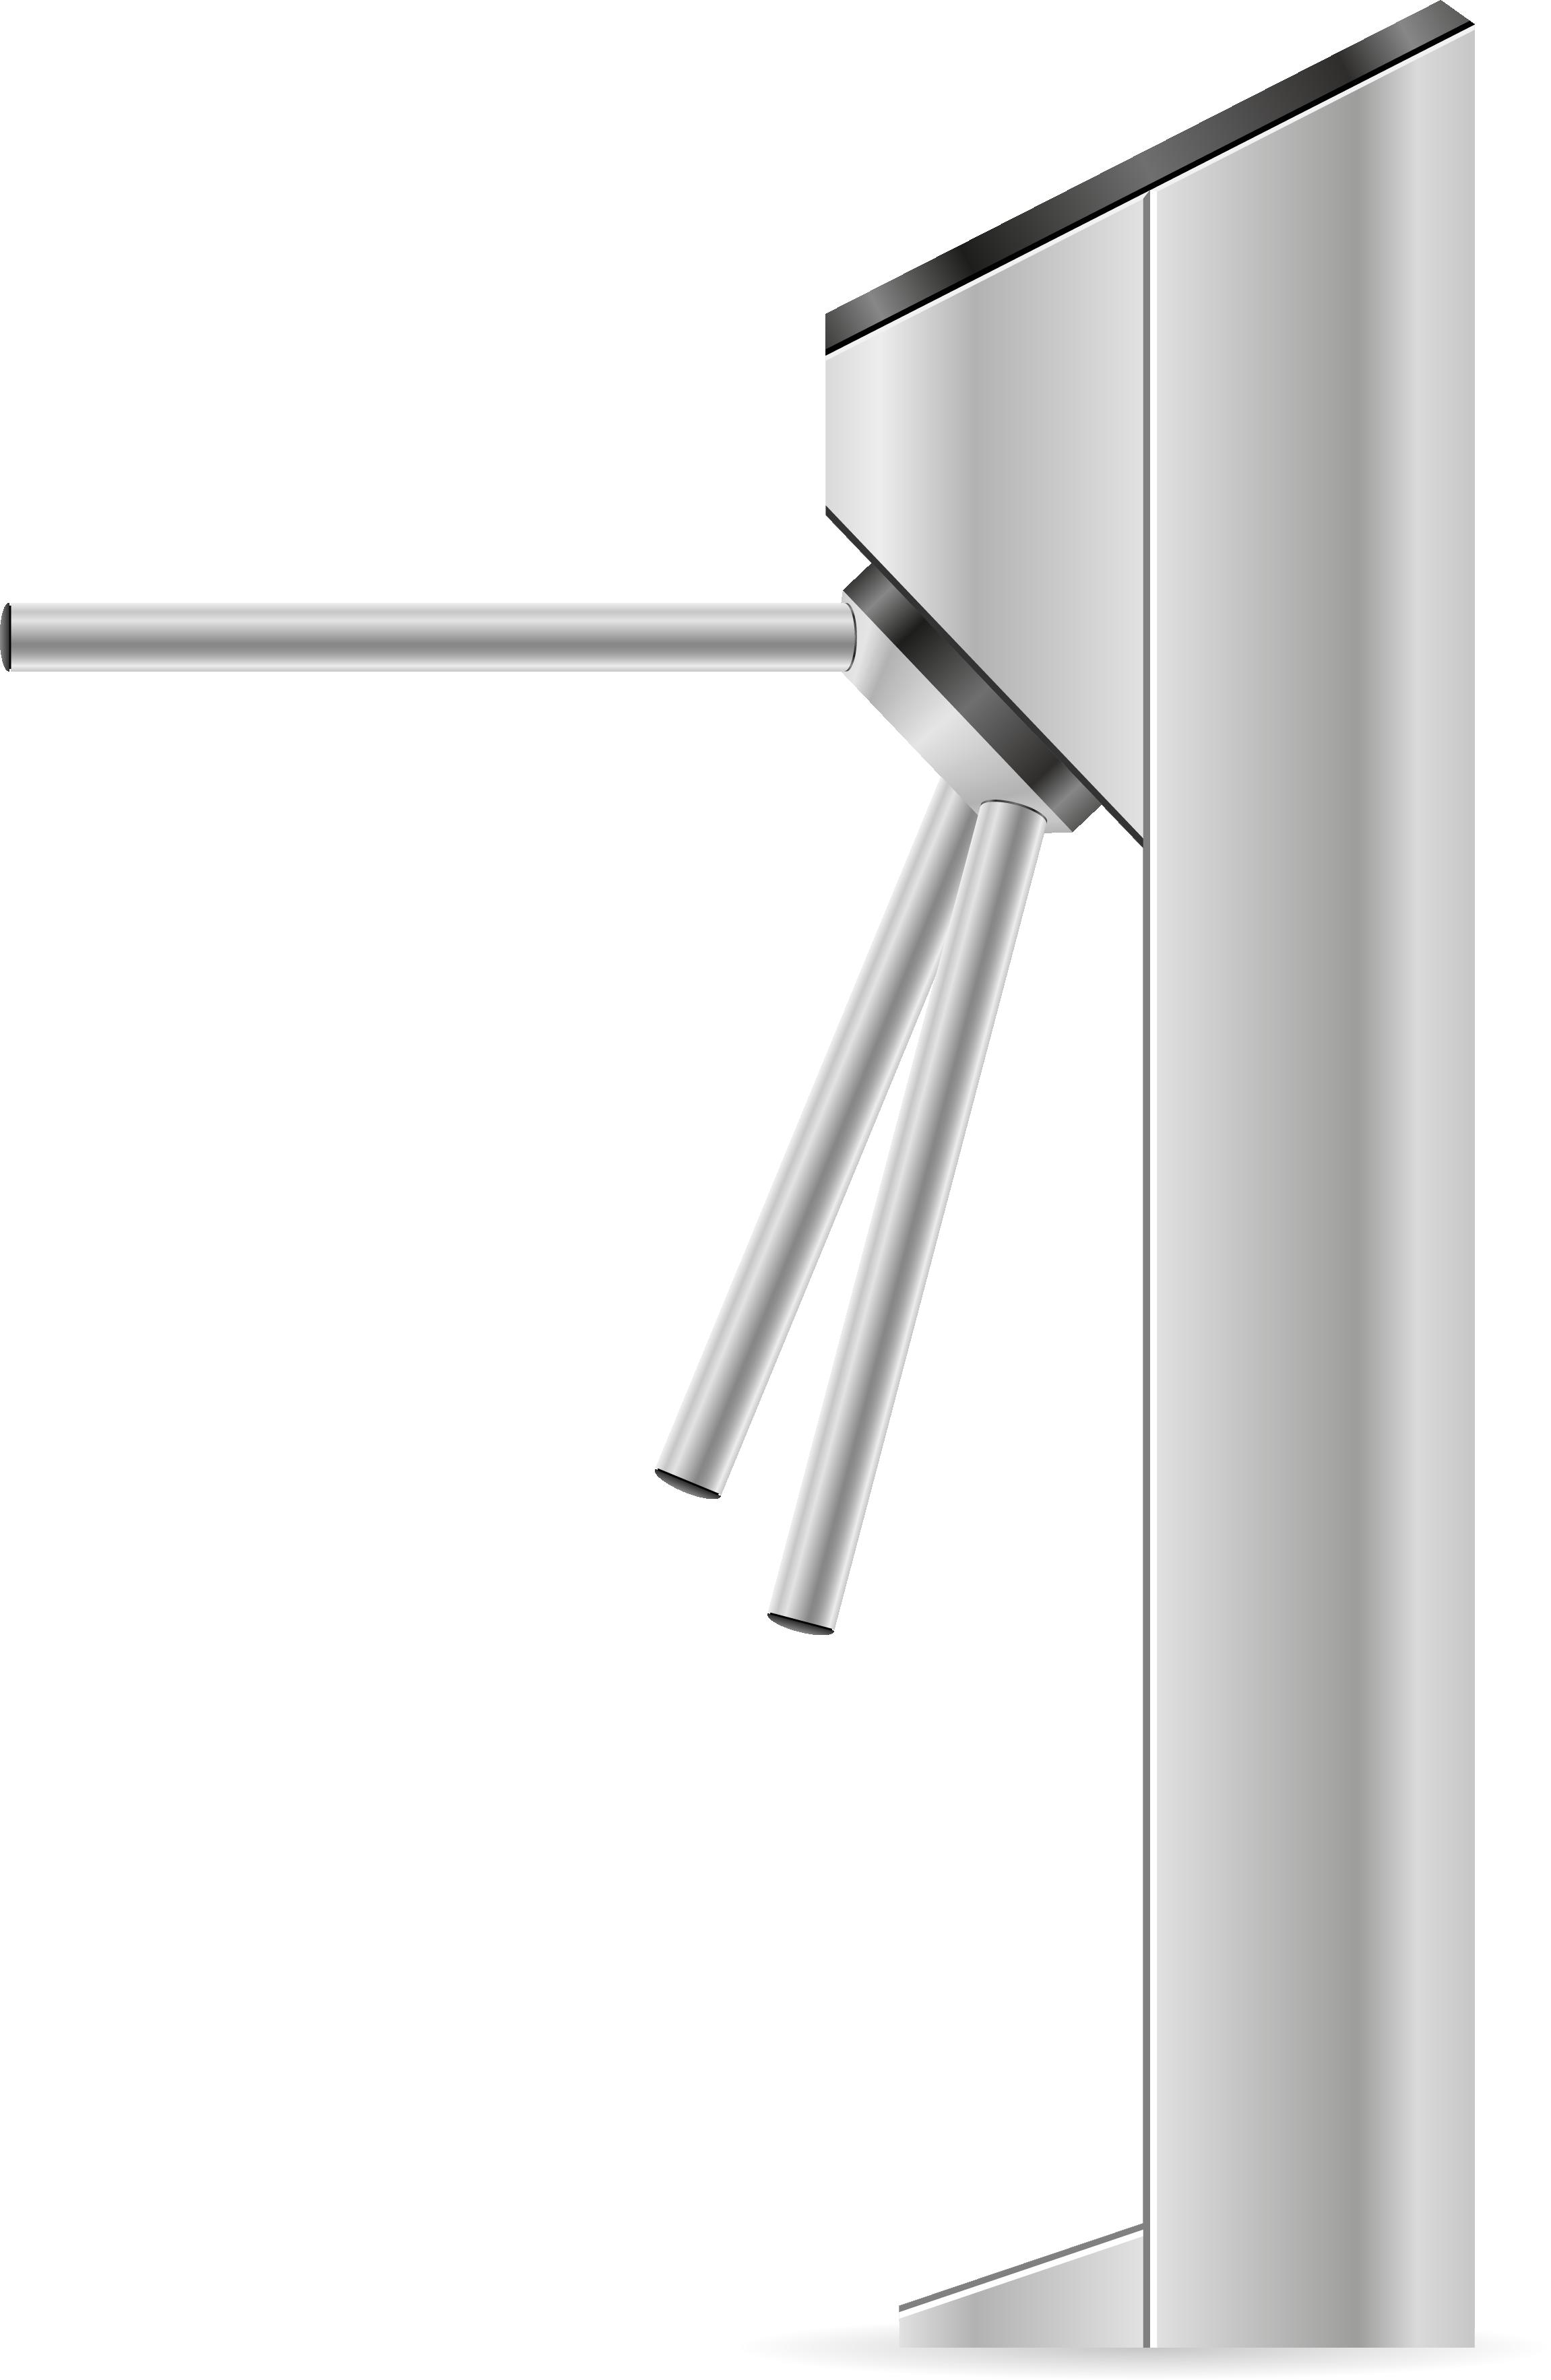 Automatischer Einlass mit dem Drehkreuz von Connfair